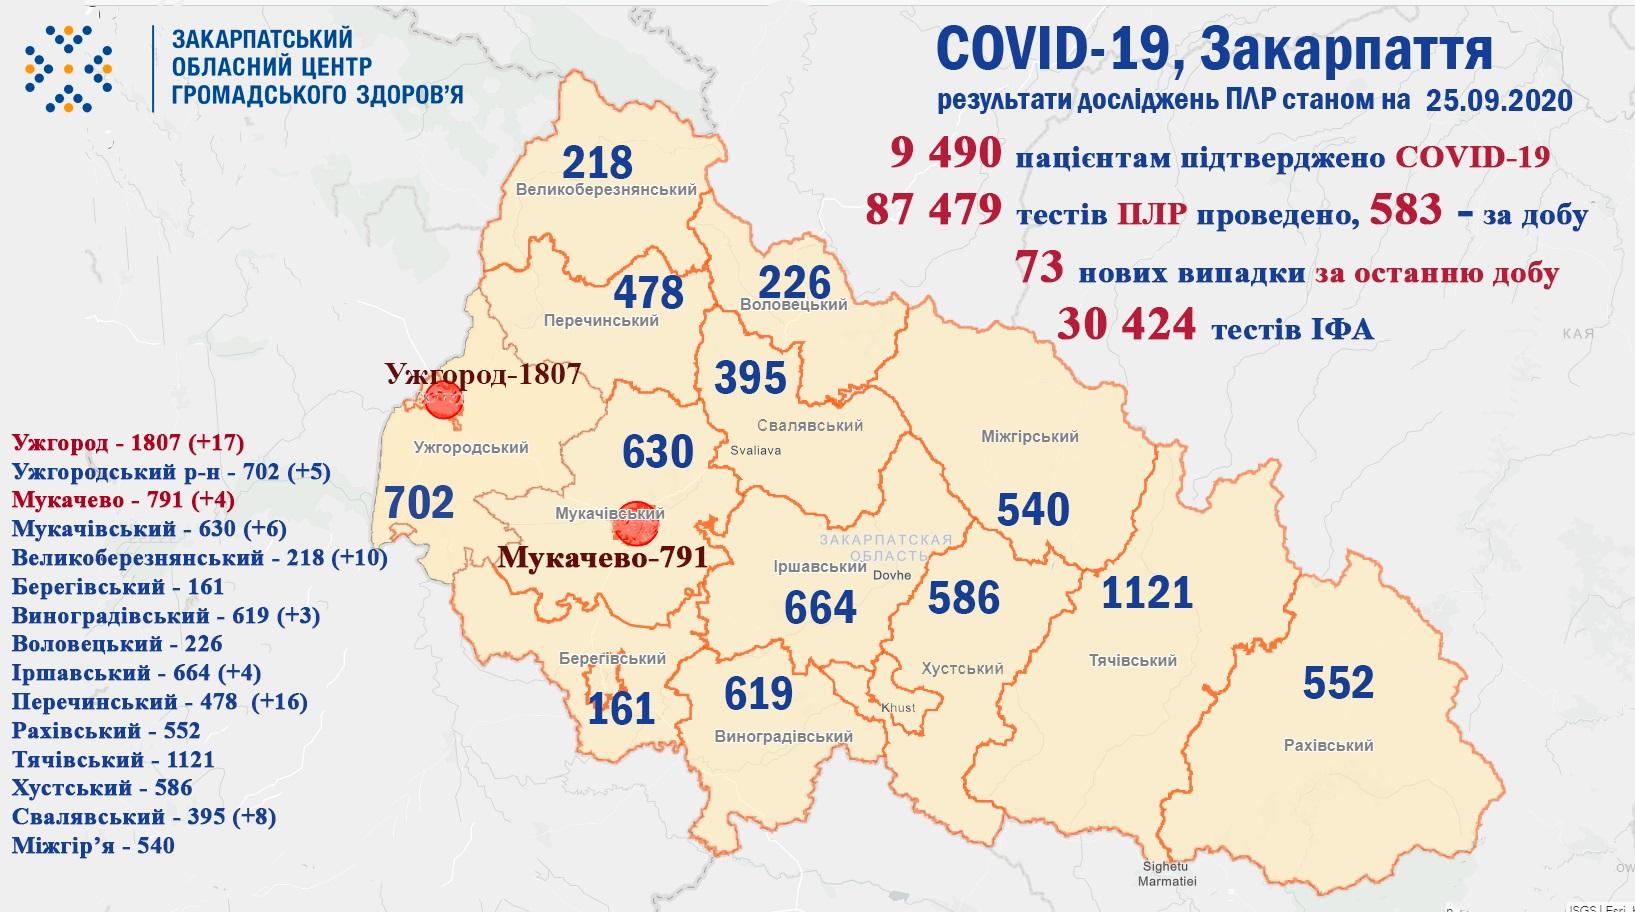 73 випадки COVID-19 виявлено на Закарпатті за добу